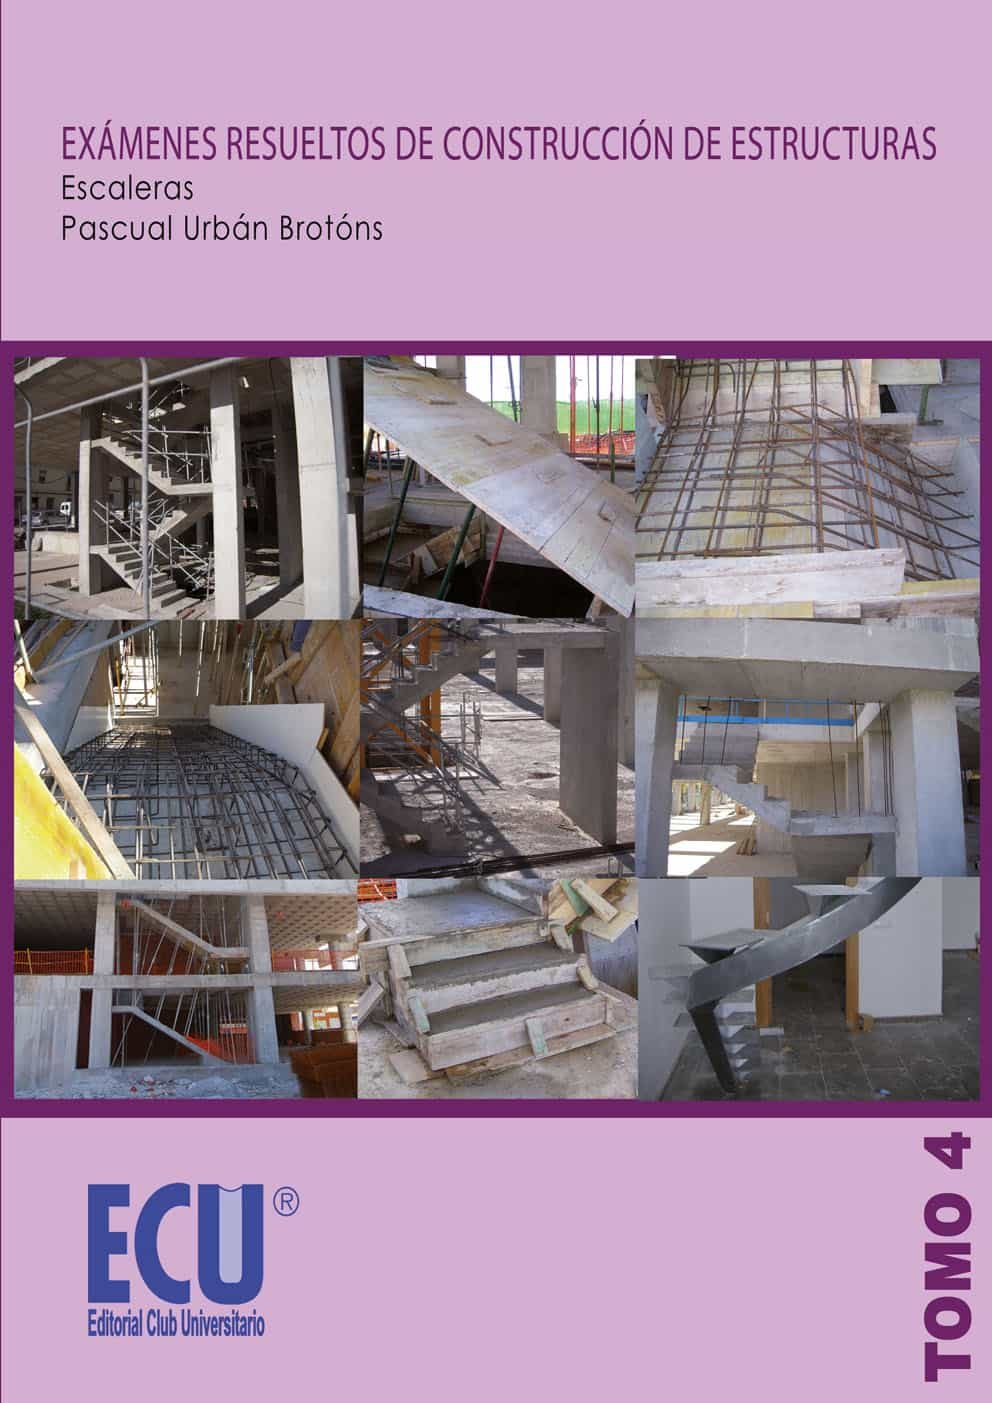 Ex Menes Resueltos De Construcci N De Estructuras